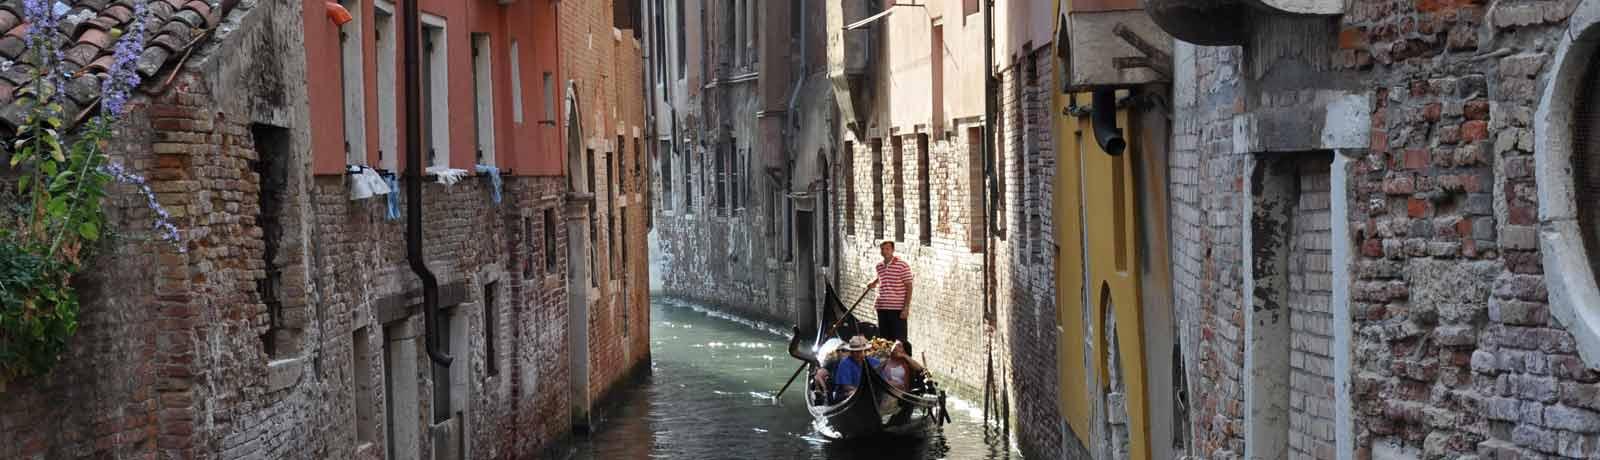 Une gondole sur un petit canal,des amoureux se promenent à venise